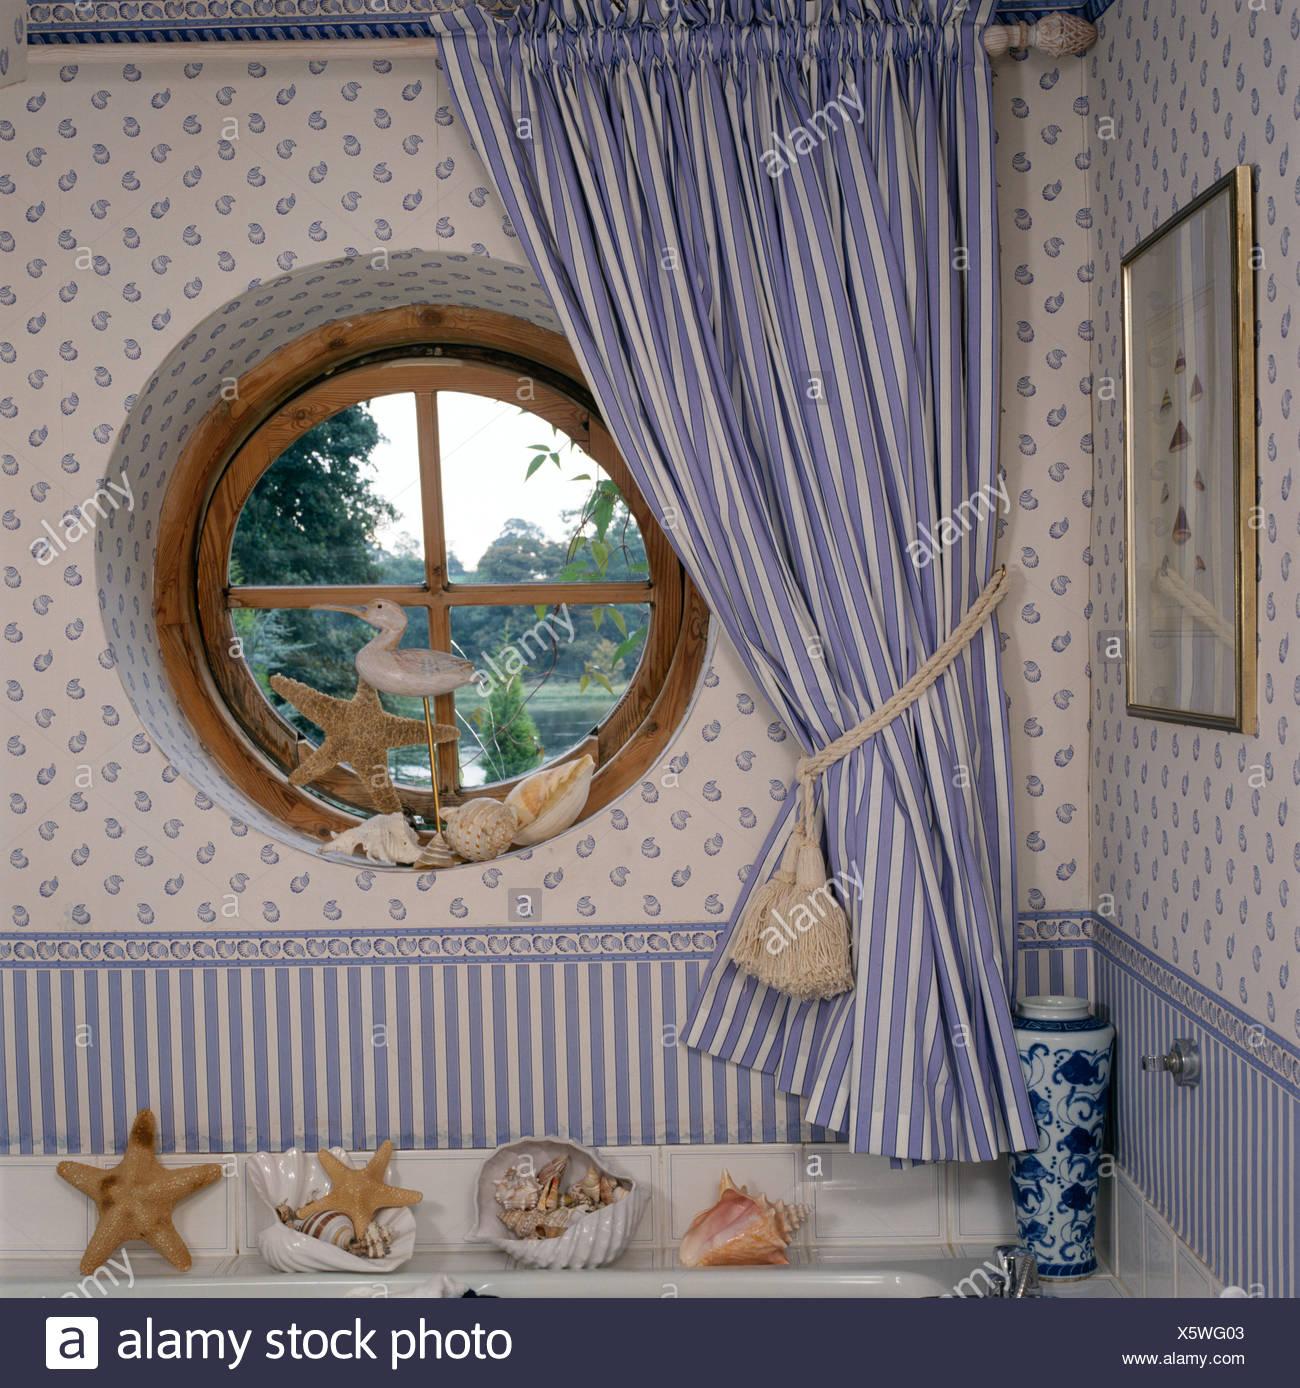 Kreisrundes Fenster Mit Blau Weiss Gestreiften Vorhang Im